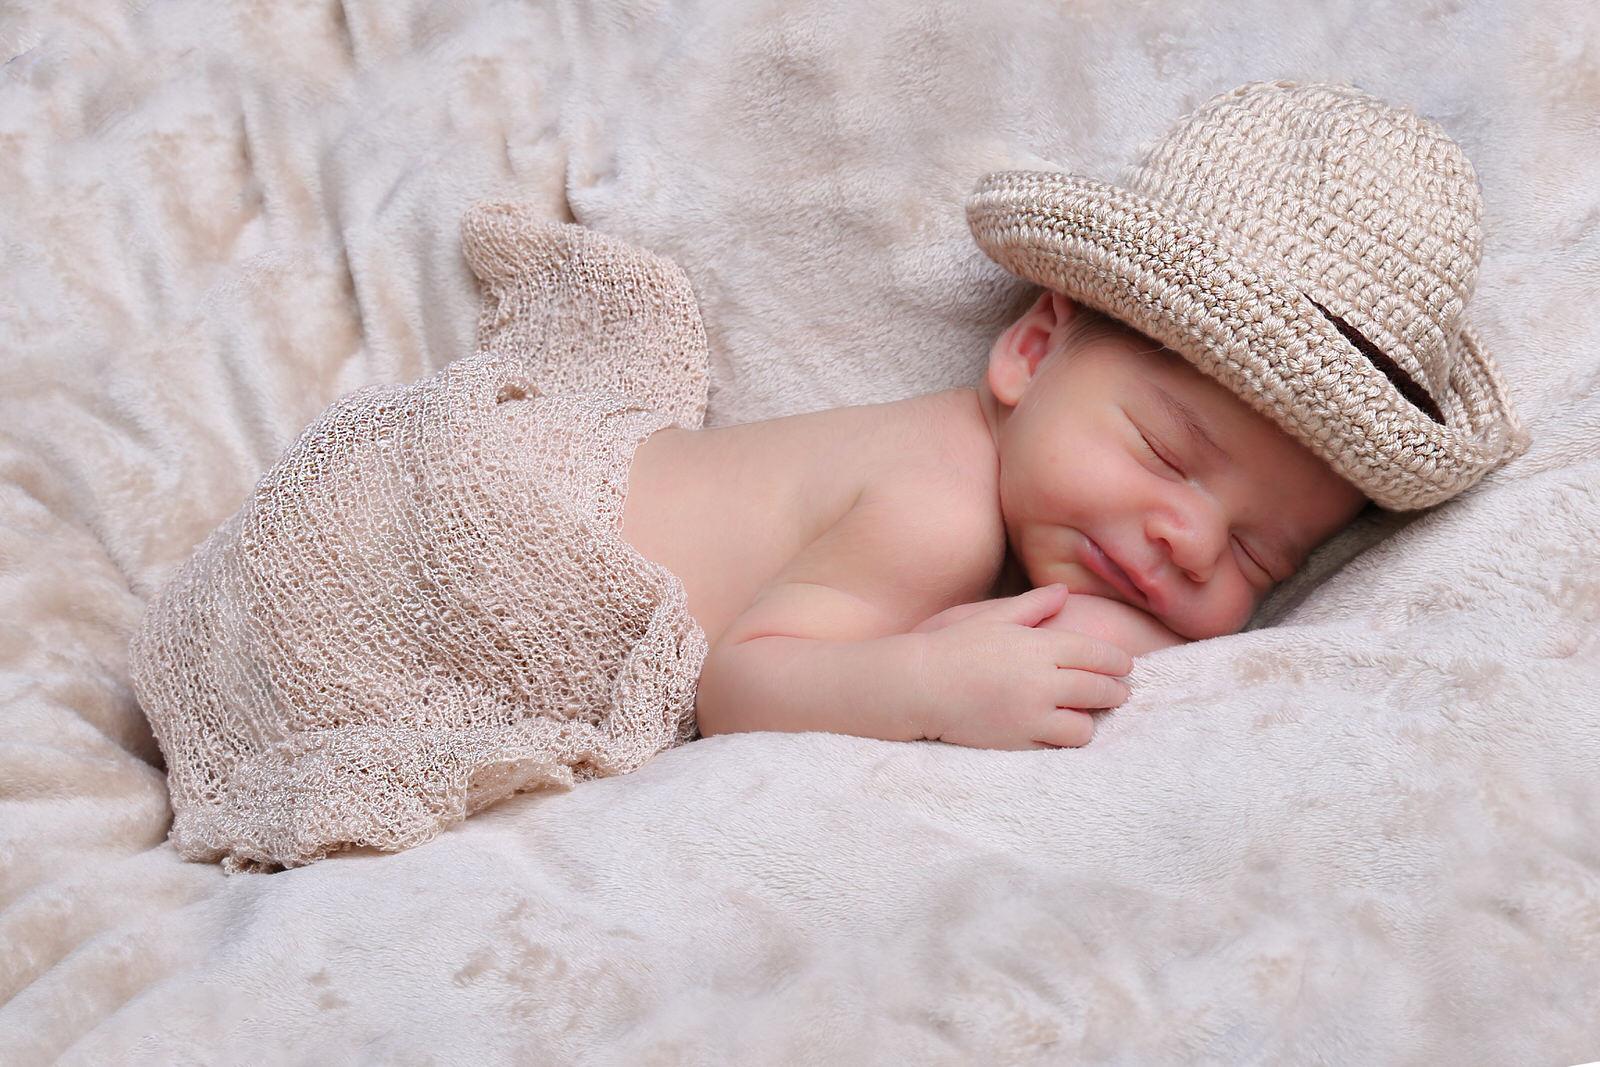 newborn foto neonato con cappello addormentato